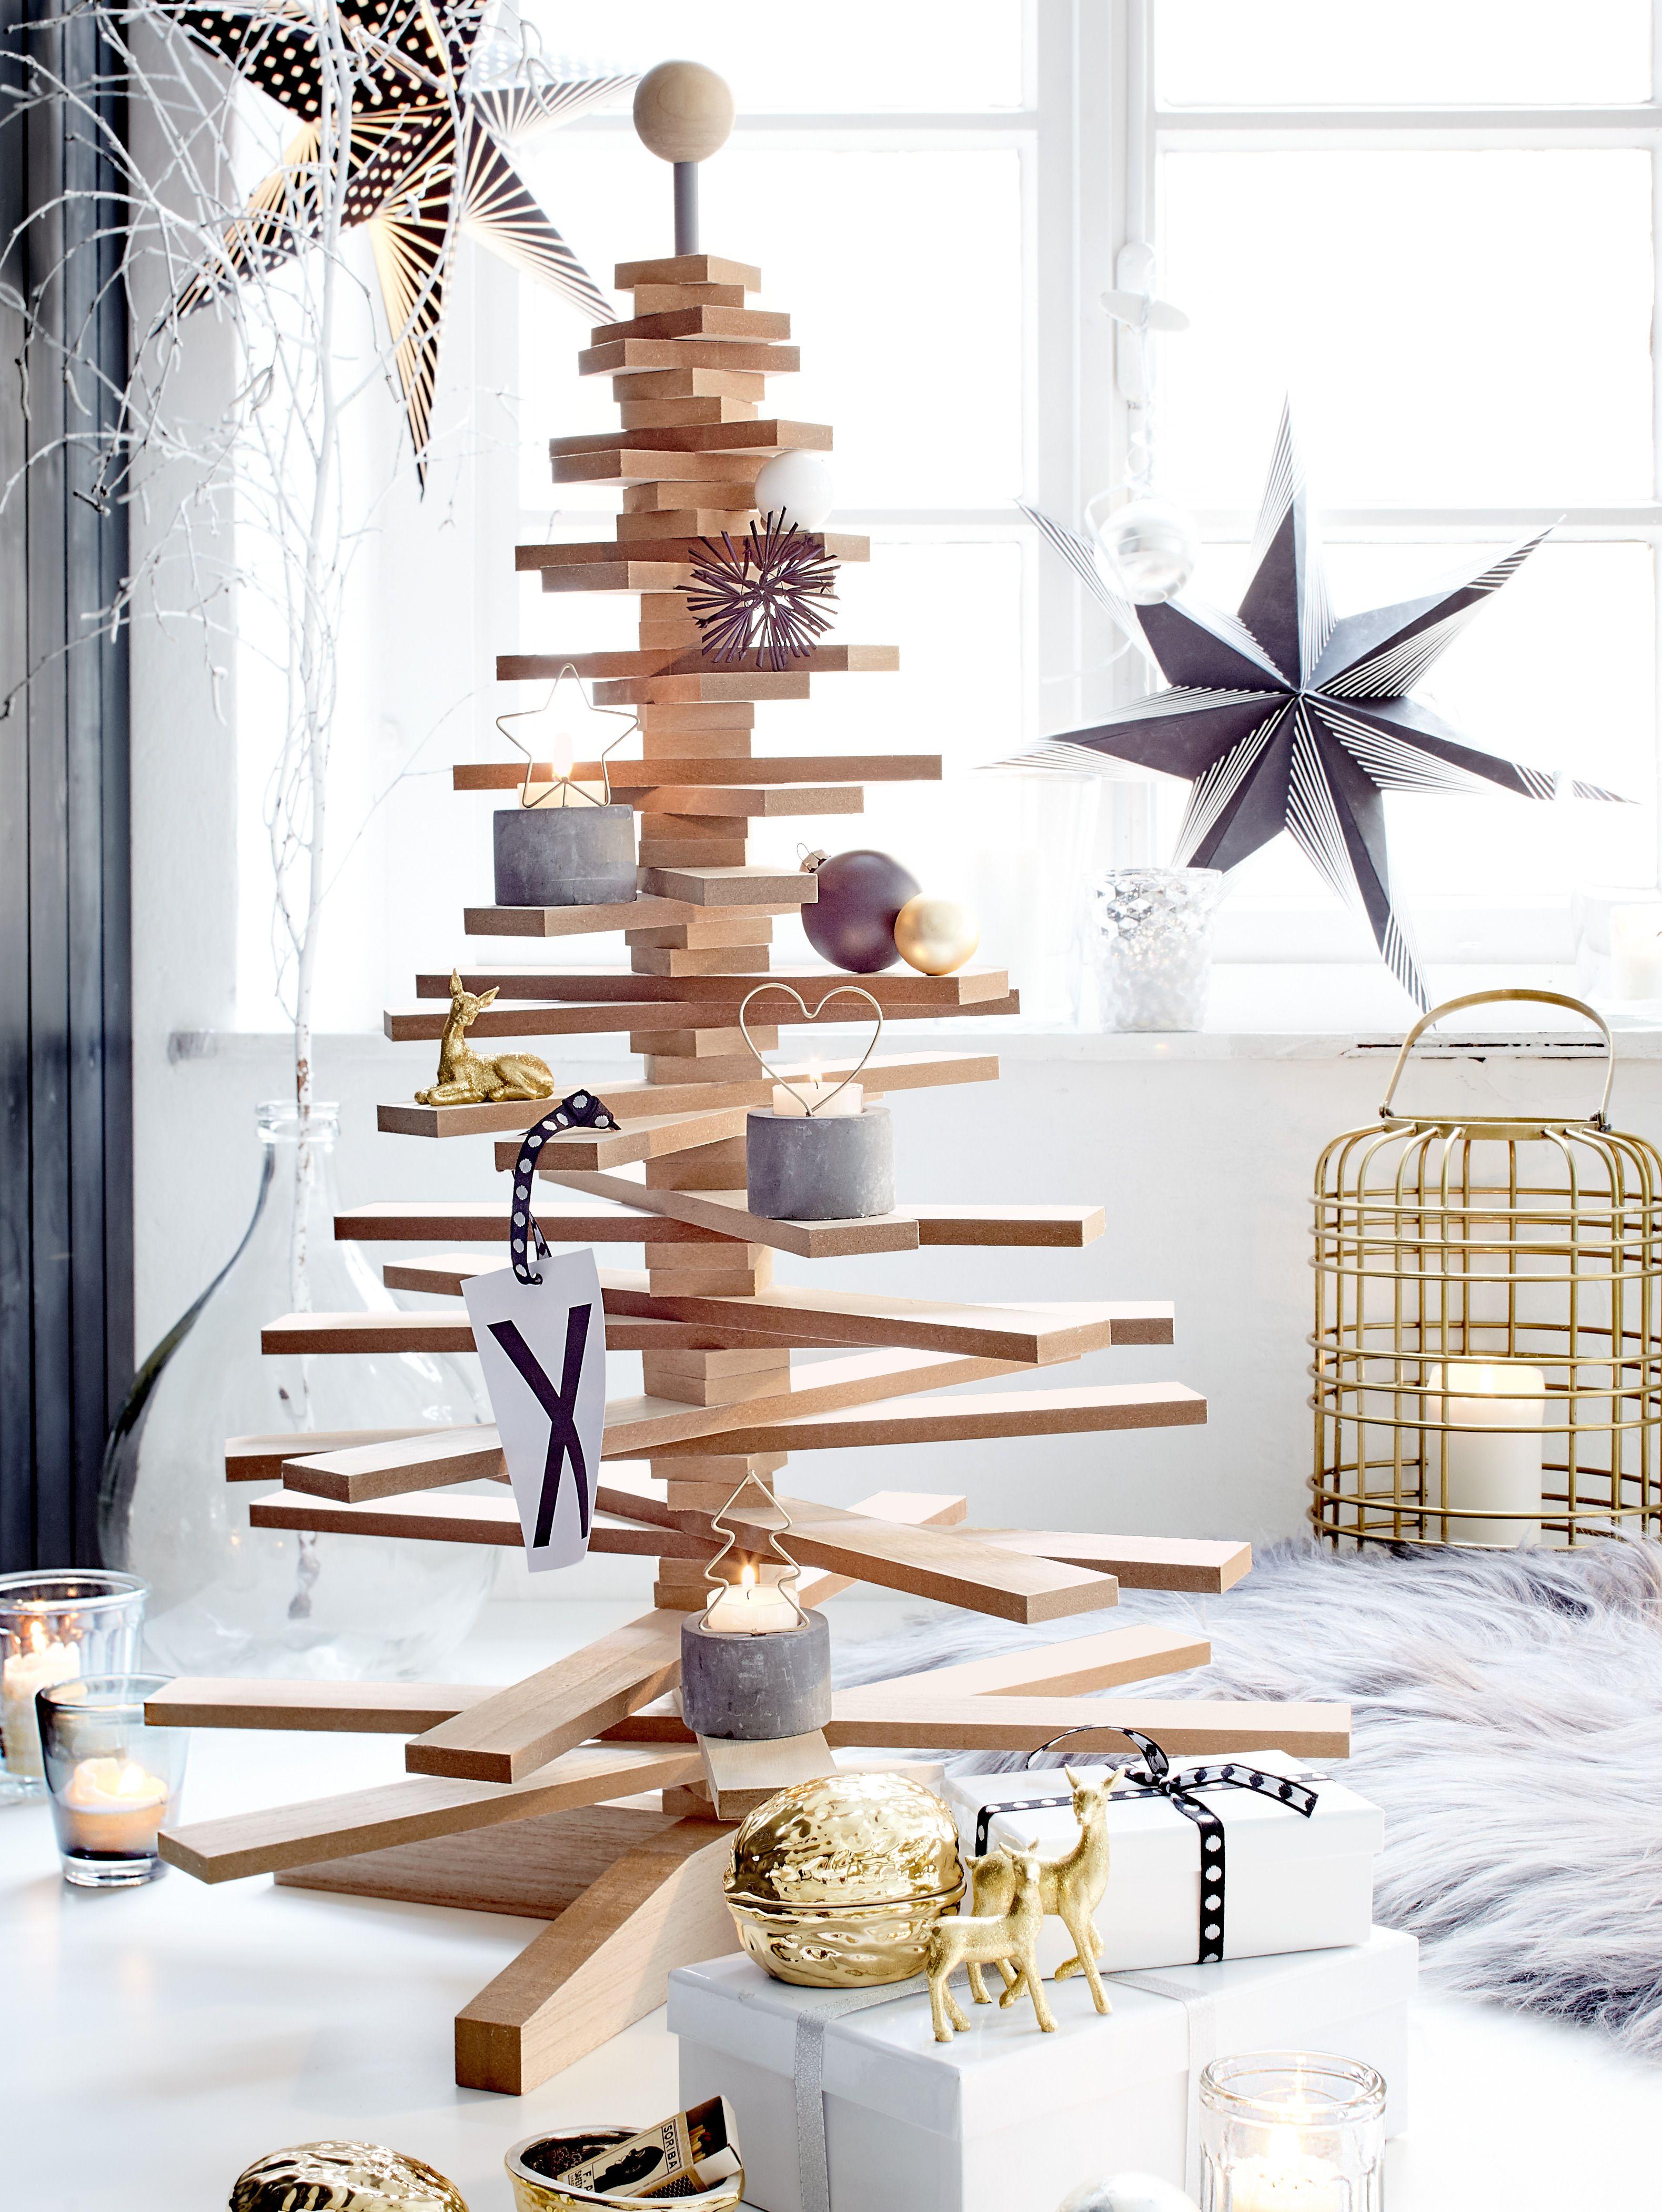 holzbaum dekoobjekt weihnachtsbaum aus holz dekoartikel. Black Bedroom Furniture Sets. Home Design Ideas